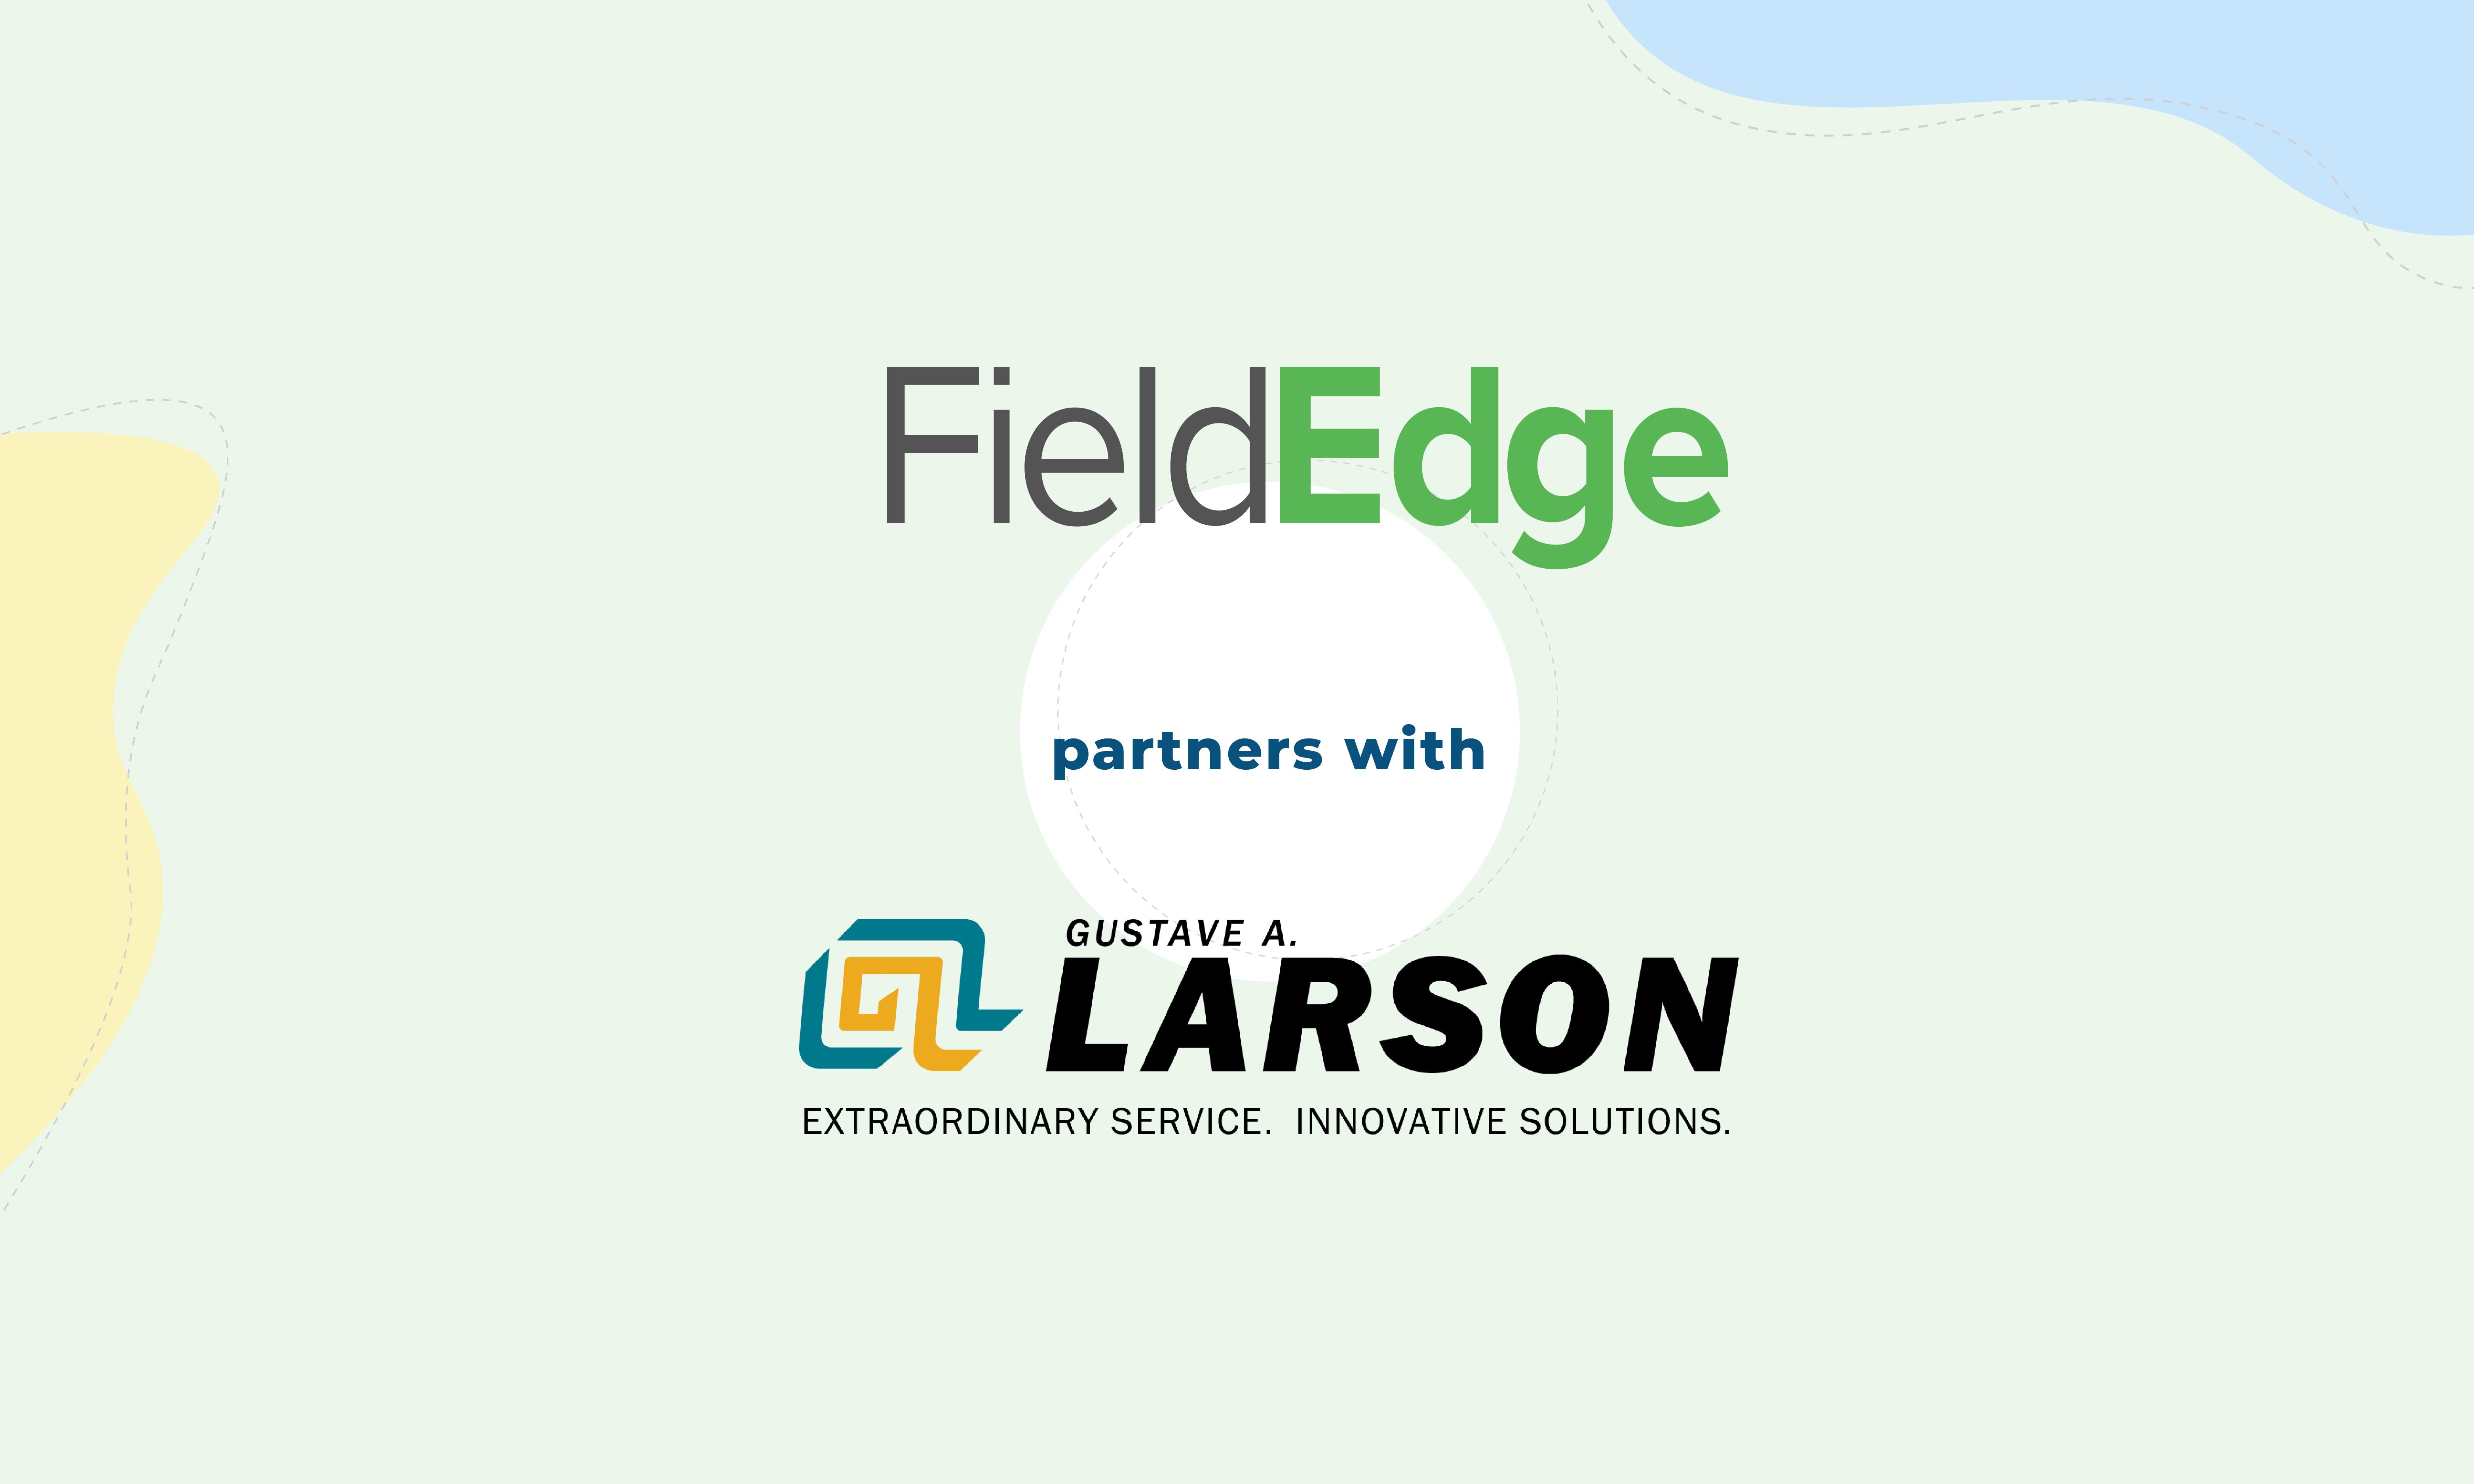 GA Larson & FieldEdge